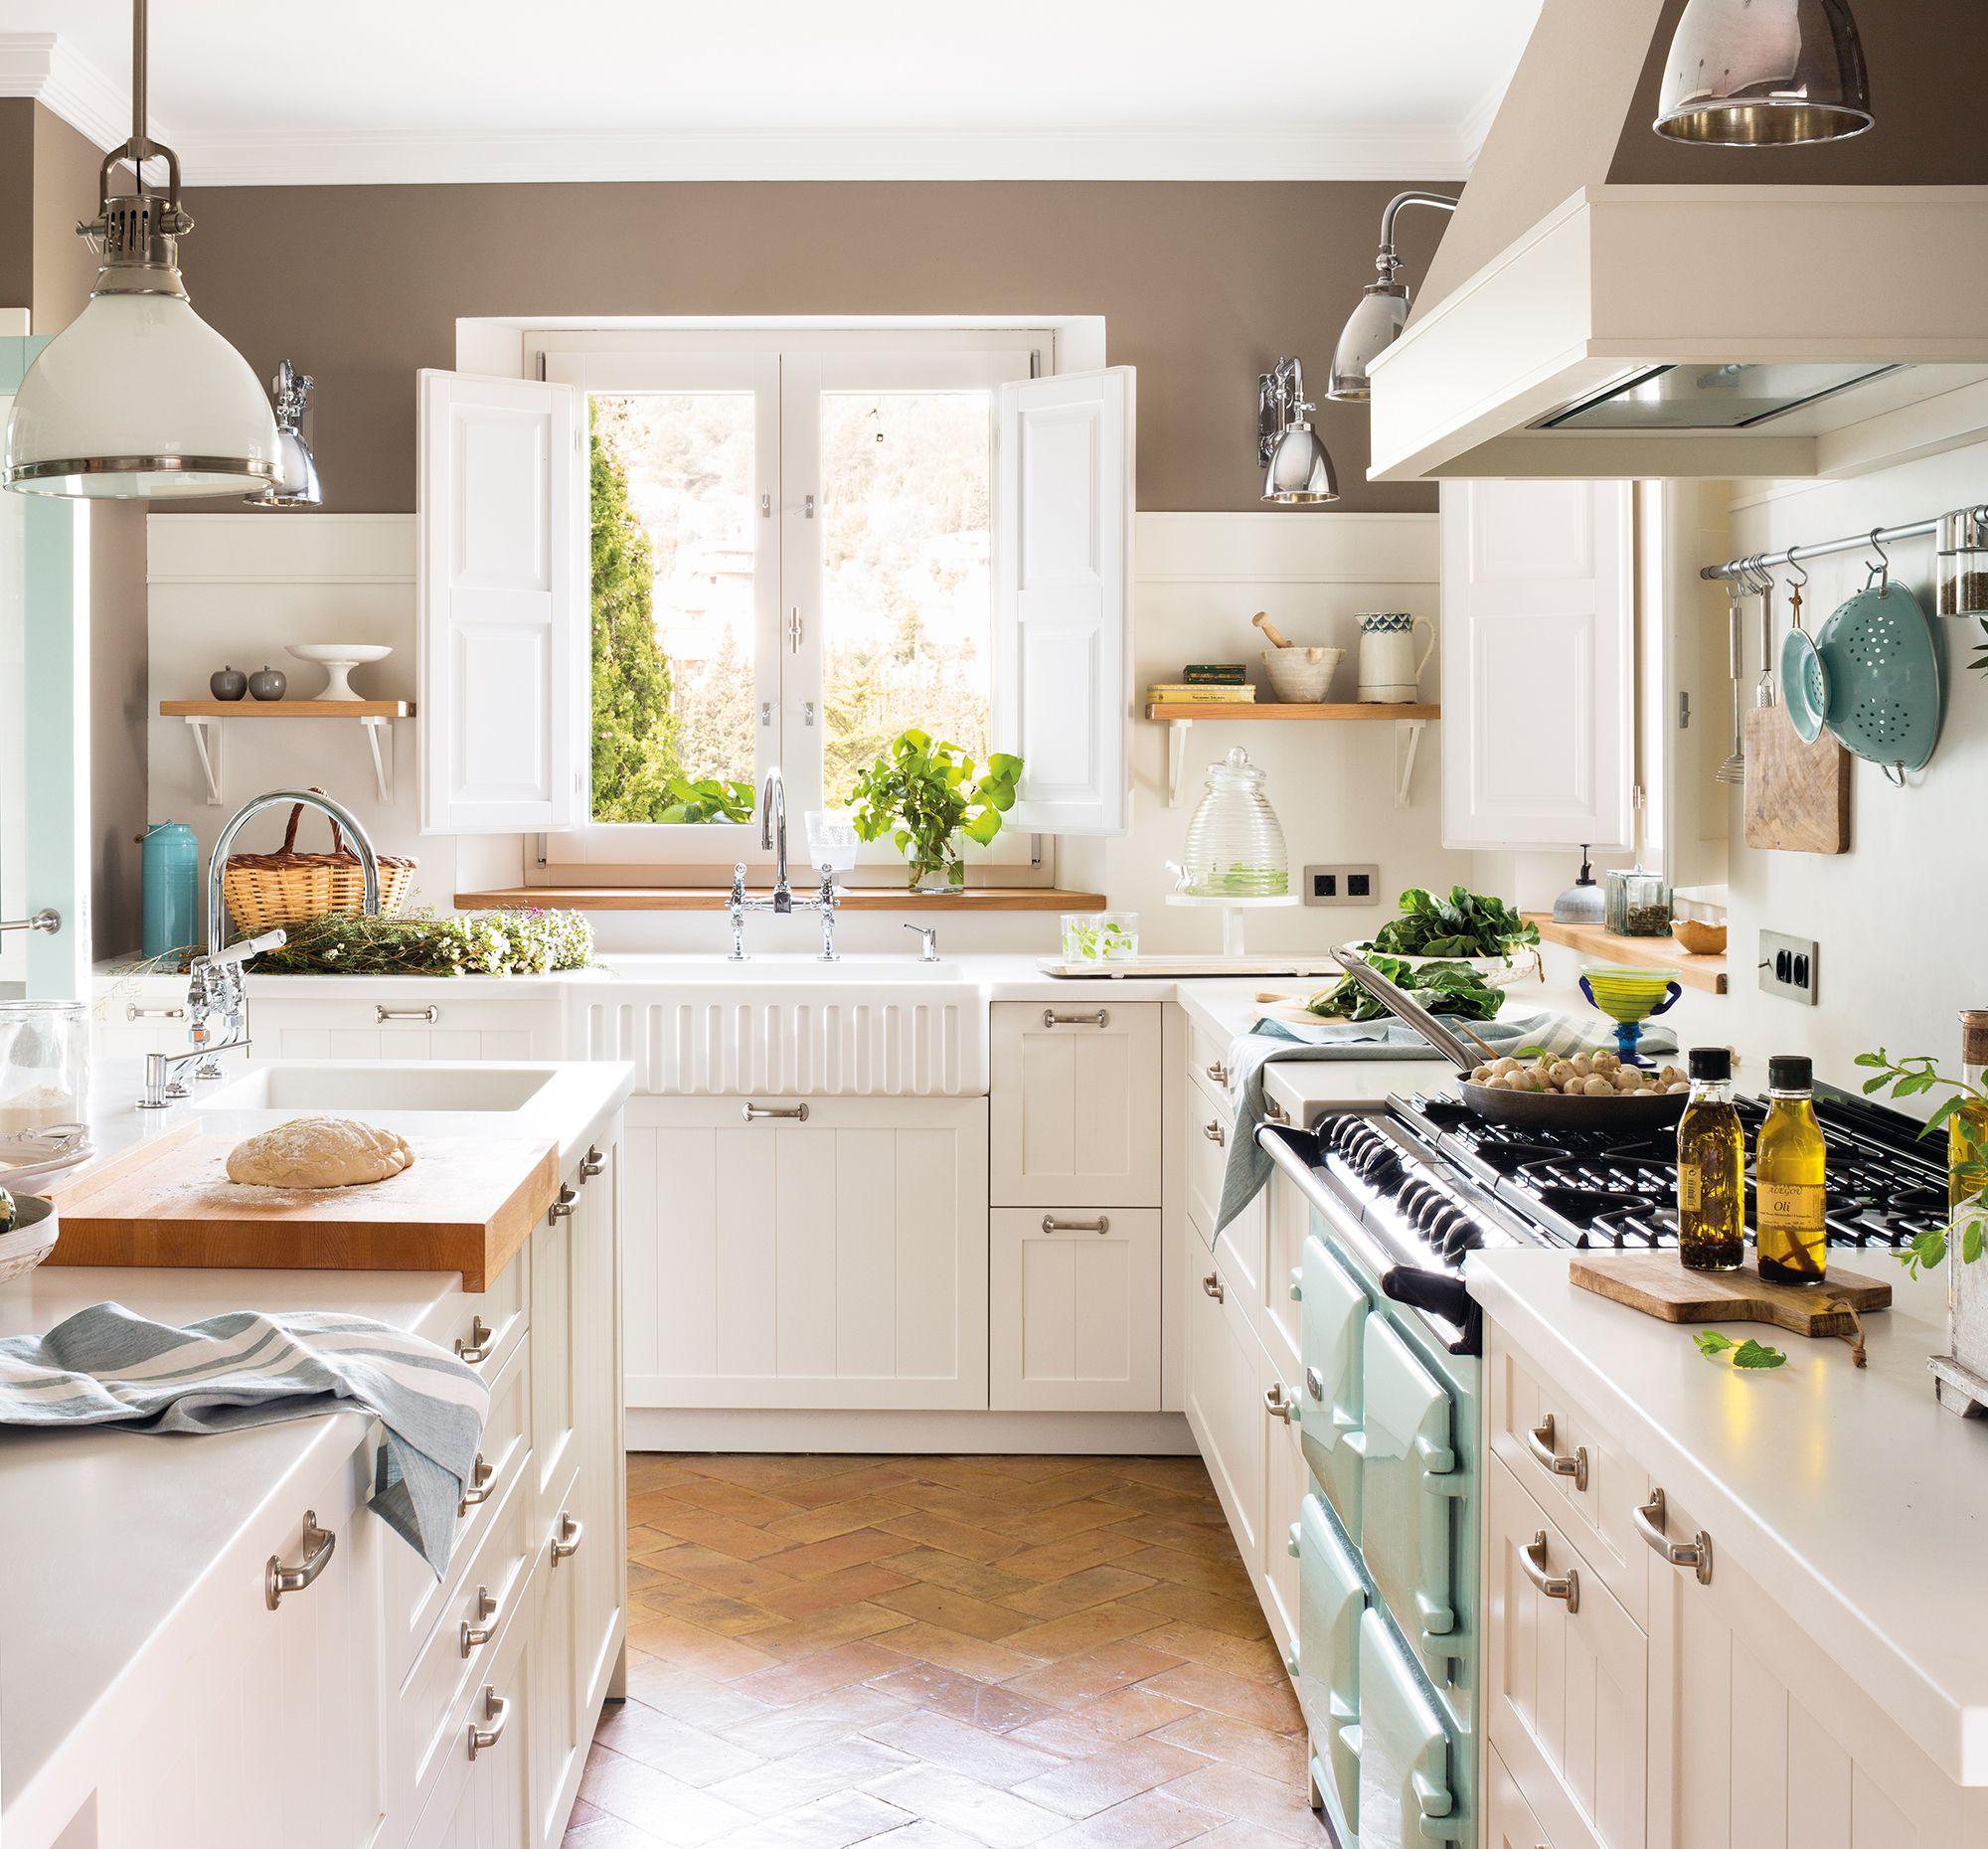 Cocina con muebles en blanco y pared en piedra ventanas - Iluminacion muebles cocina ...